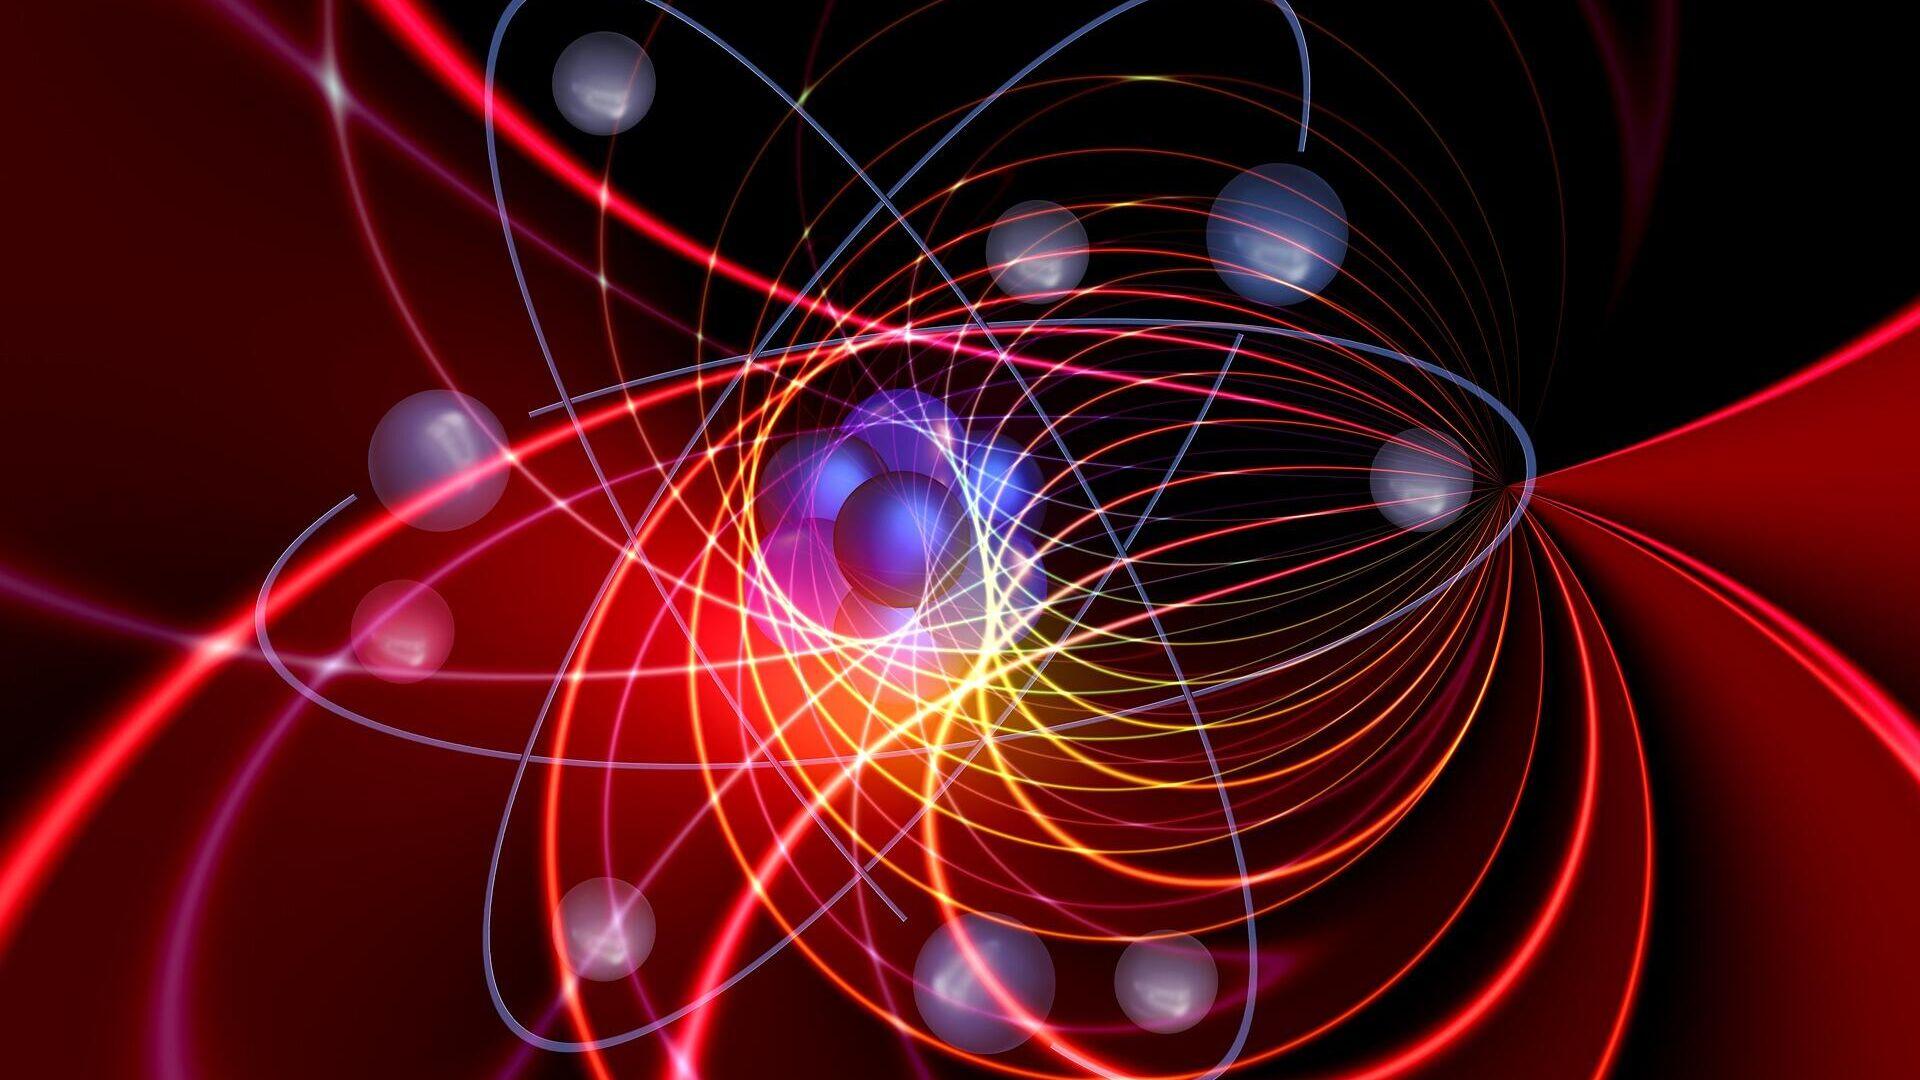 Física cuántica (imagen referencial) - Sputnik Mundo, 1920, 03.06.2021